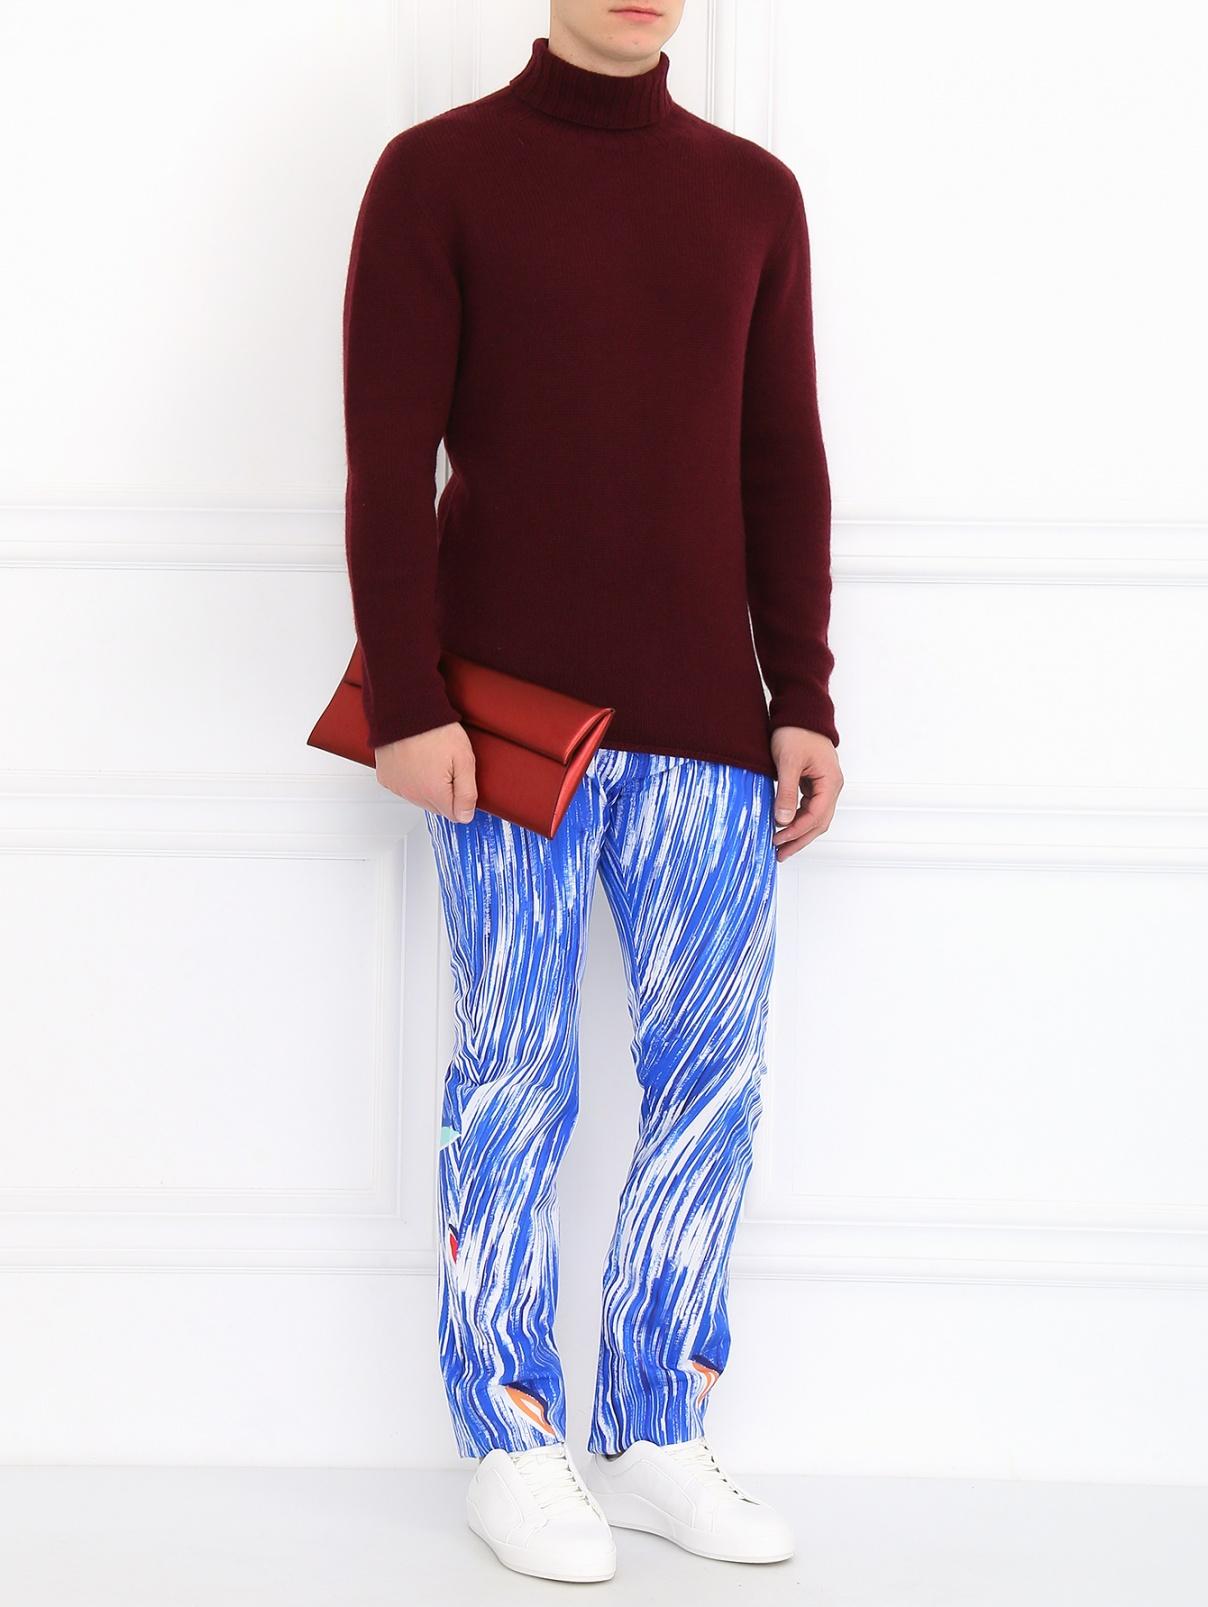 Сумка-клатч из кожи Jil Sander  –  Модель Общий вид  – Цвет:  Красный